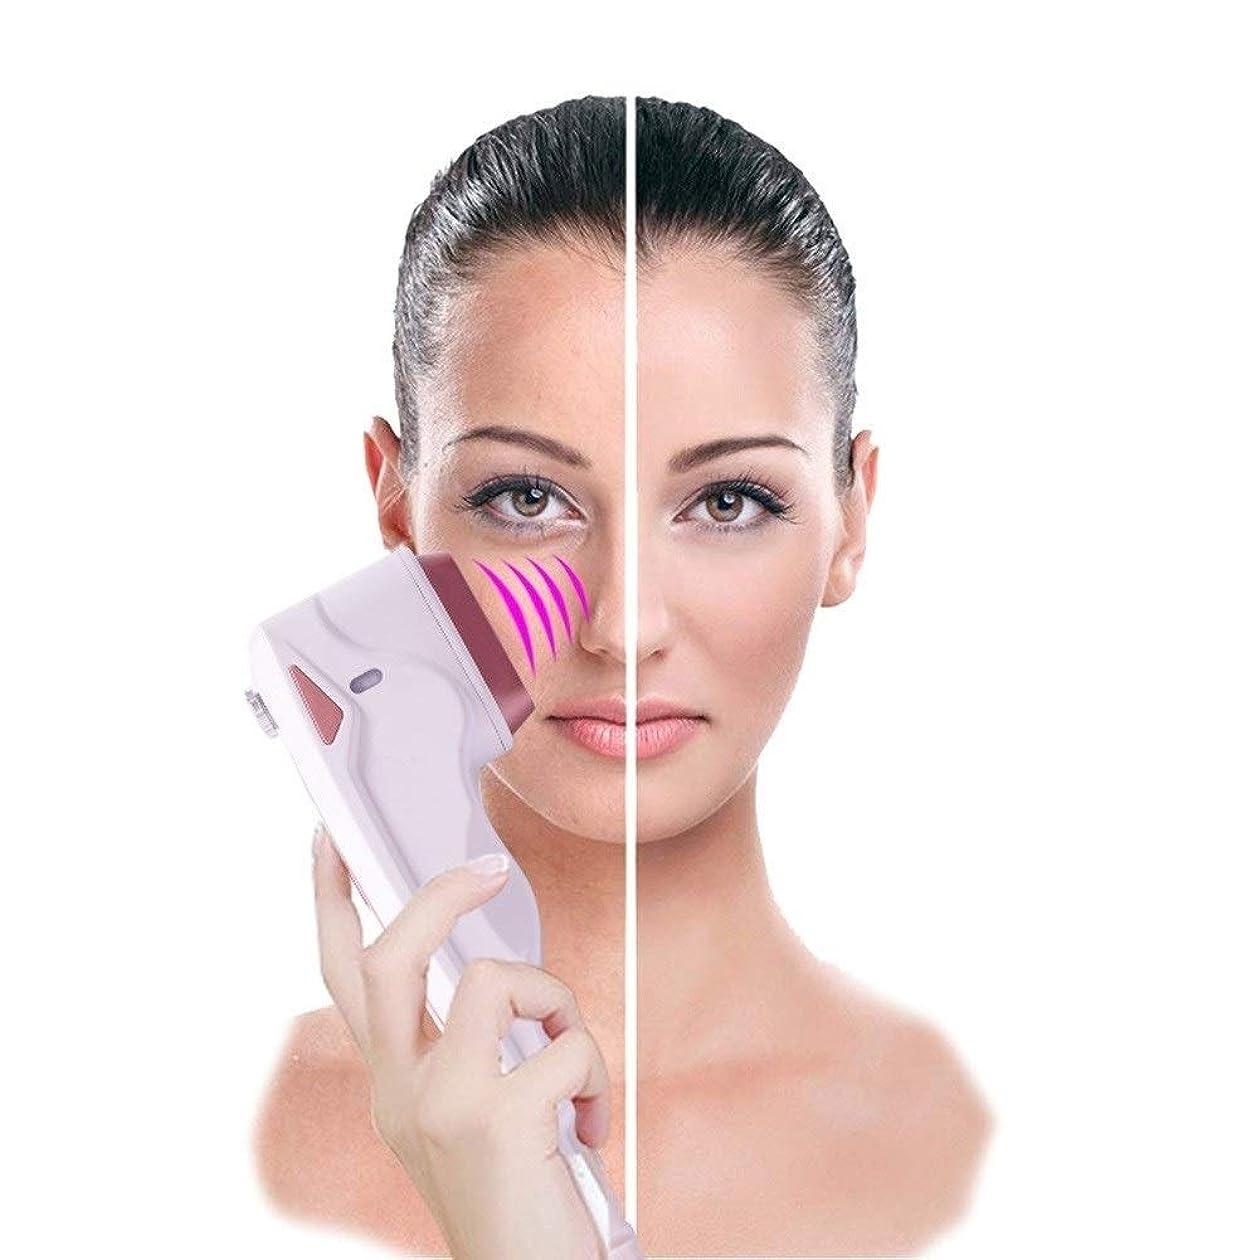 刈る入り口振る舞う美顔術の持ち上がる機械振動無線周波数のしわは反老化のためのスキンケアの美装置を取り除きます、皮膚のきつく締まるガルバニック微電流の改装機械